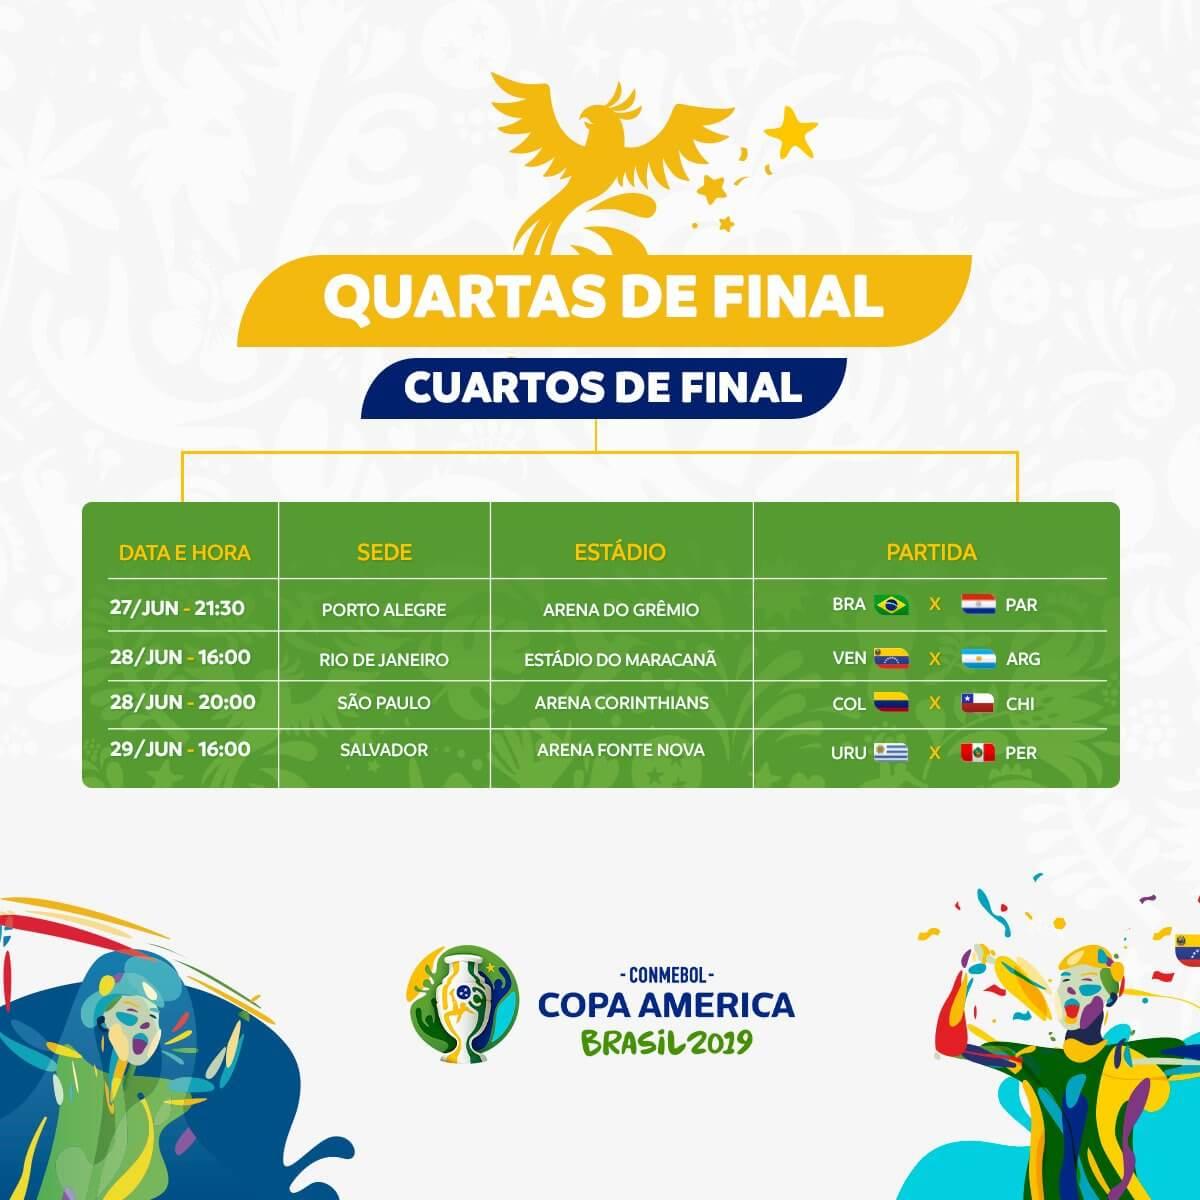 copa america cuartos de final